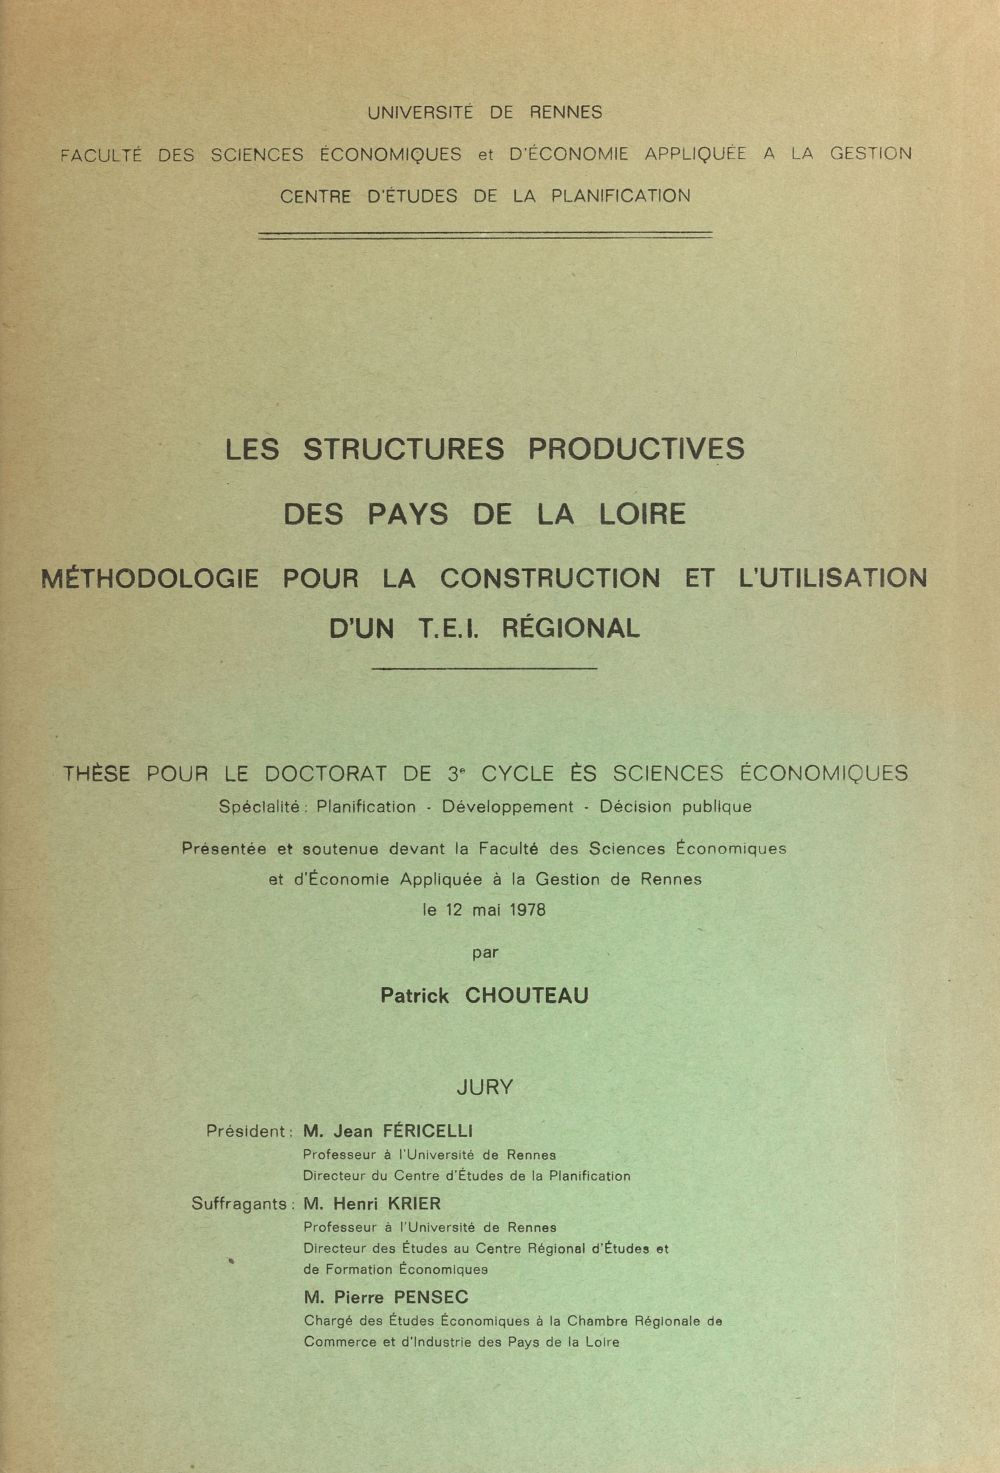 Les structures productives des Pays de la Loire